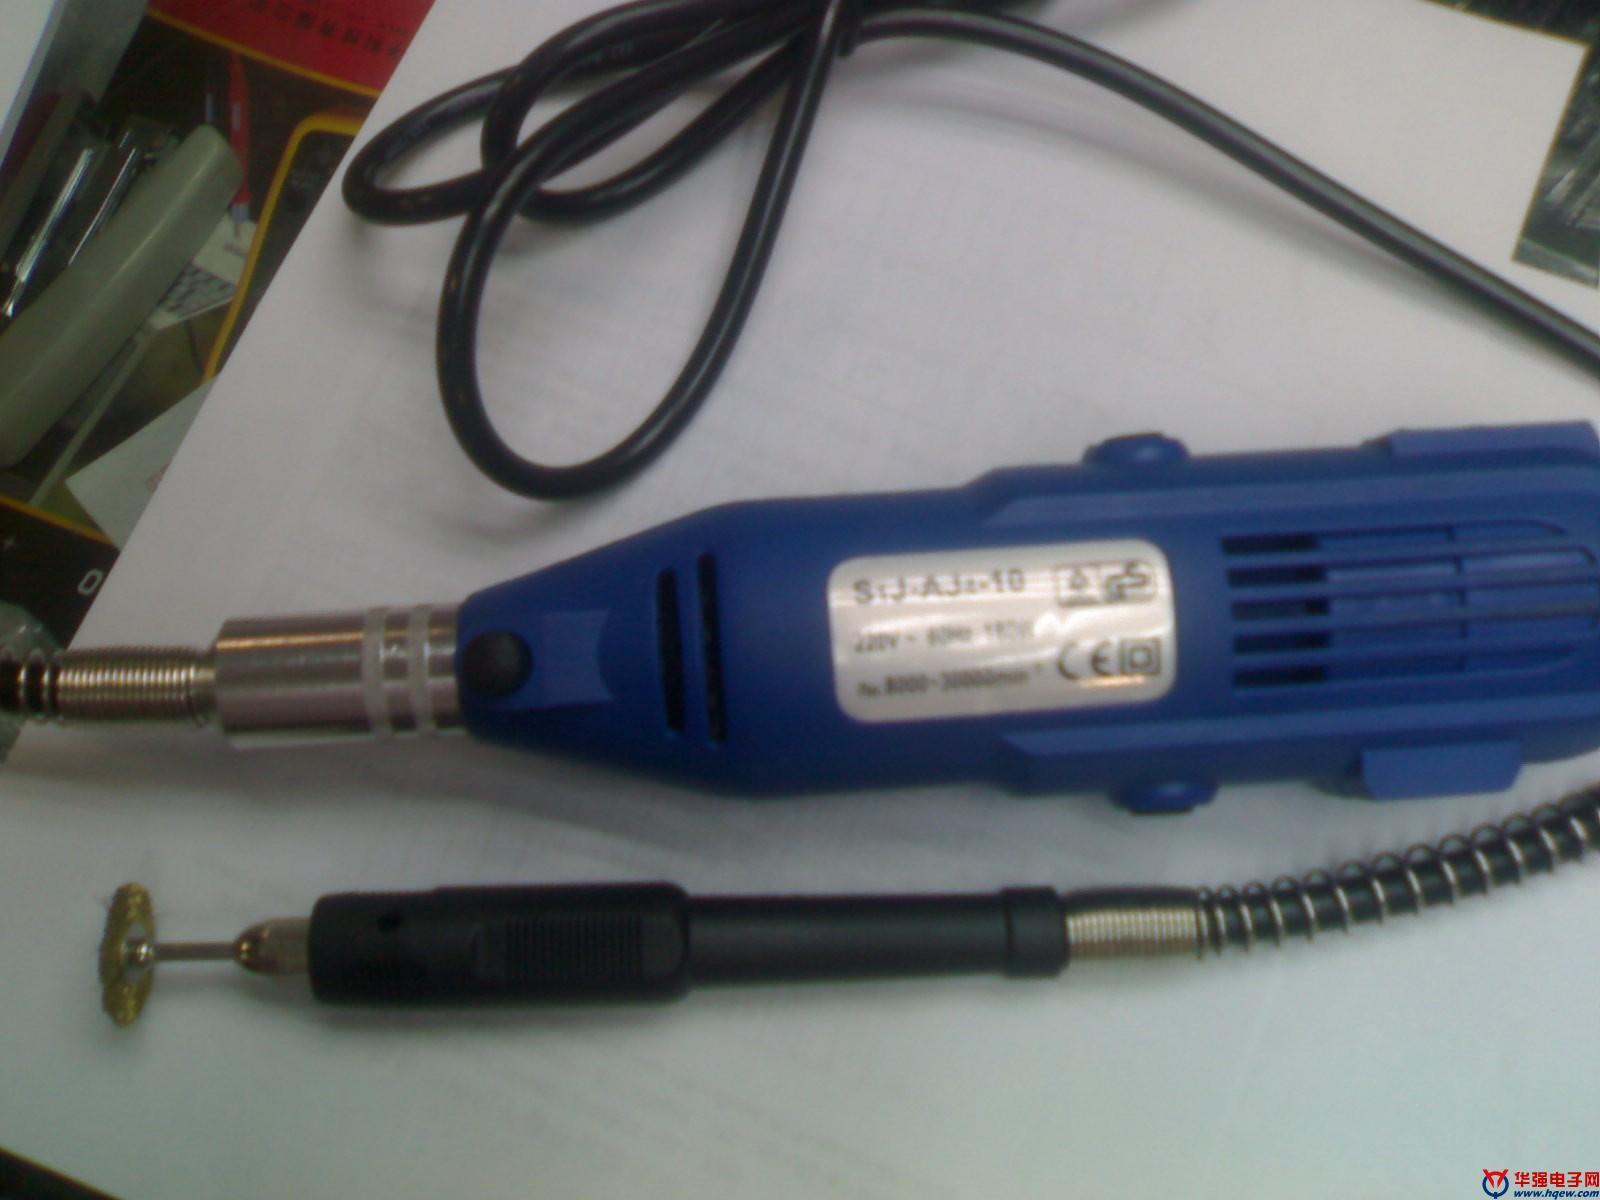 电磨头接线图解